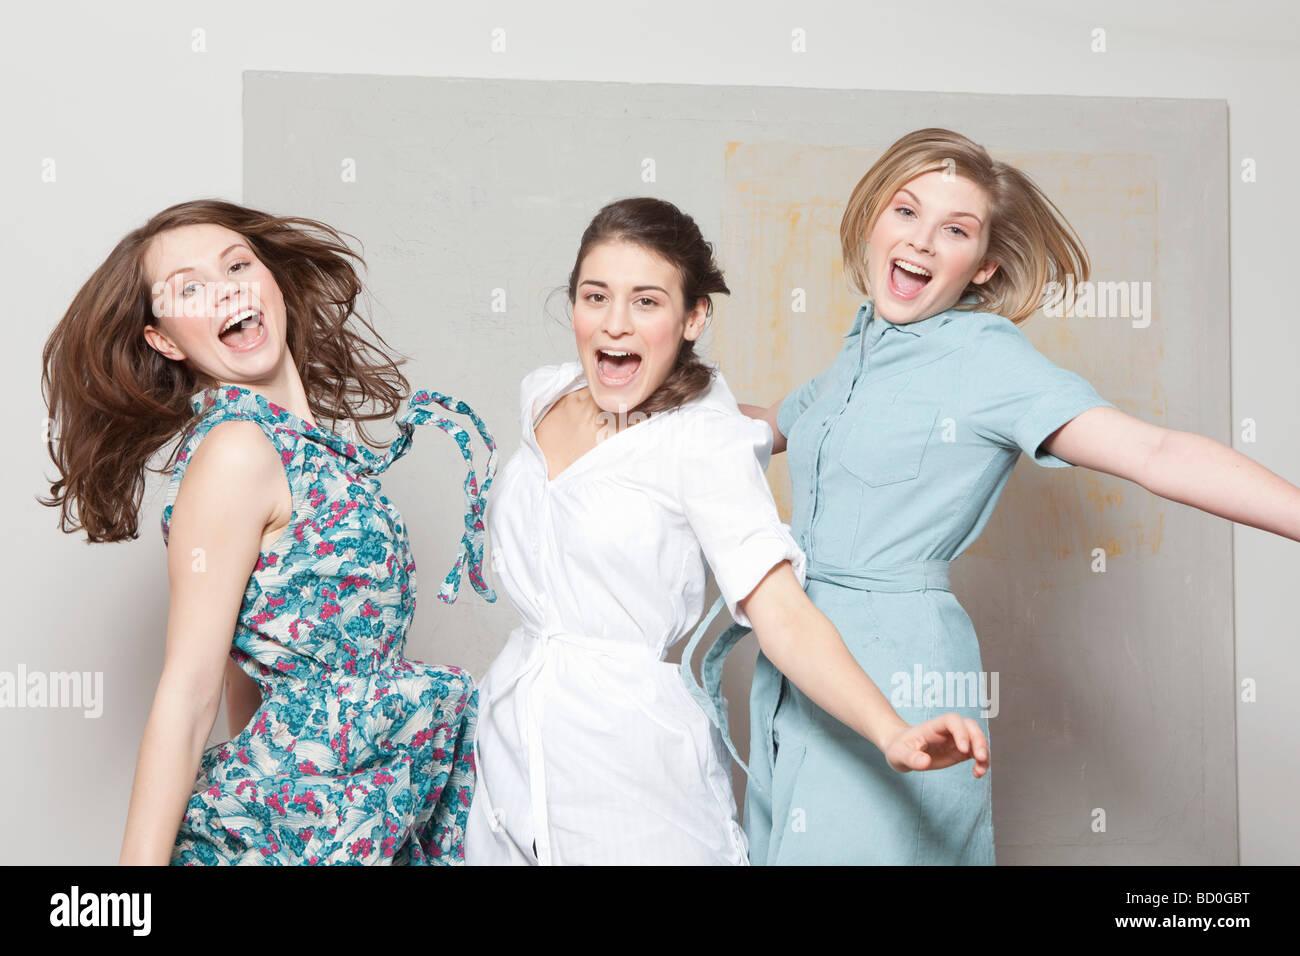 Three women jumping and jubilating Stock Photo